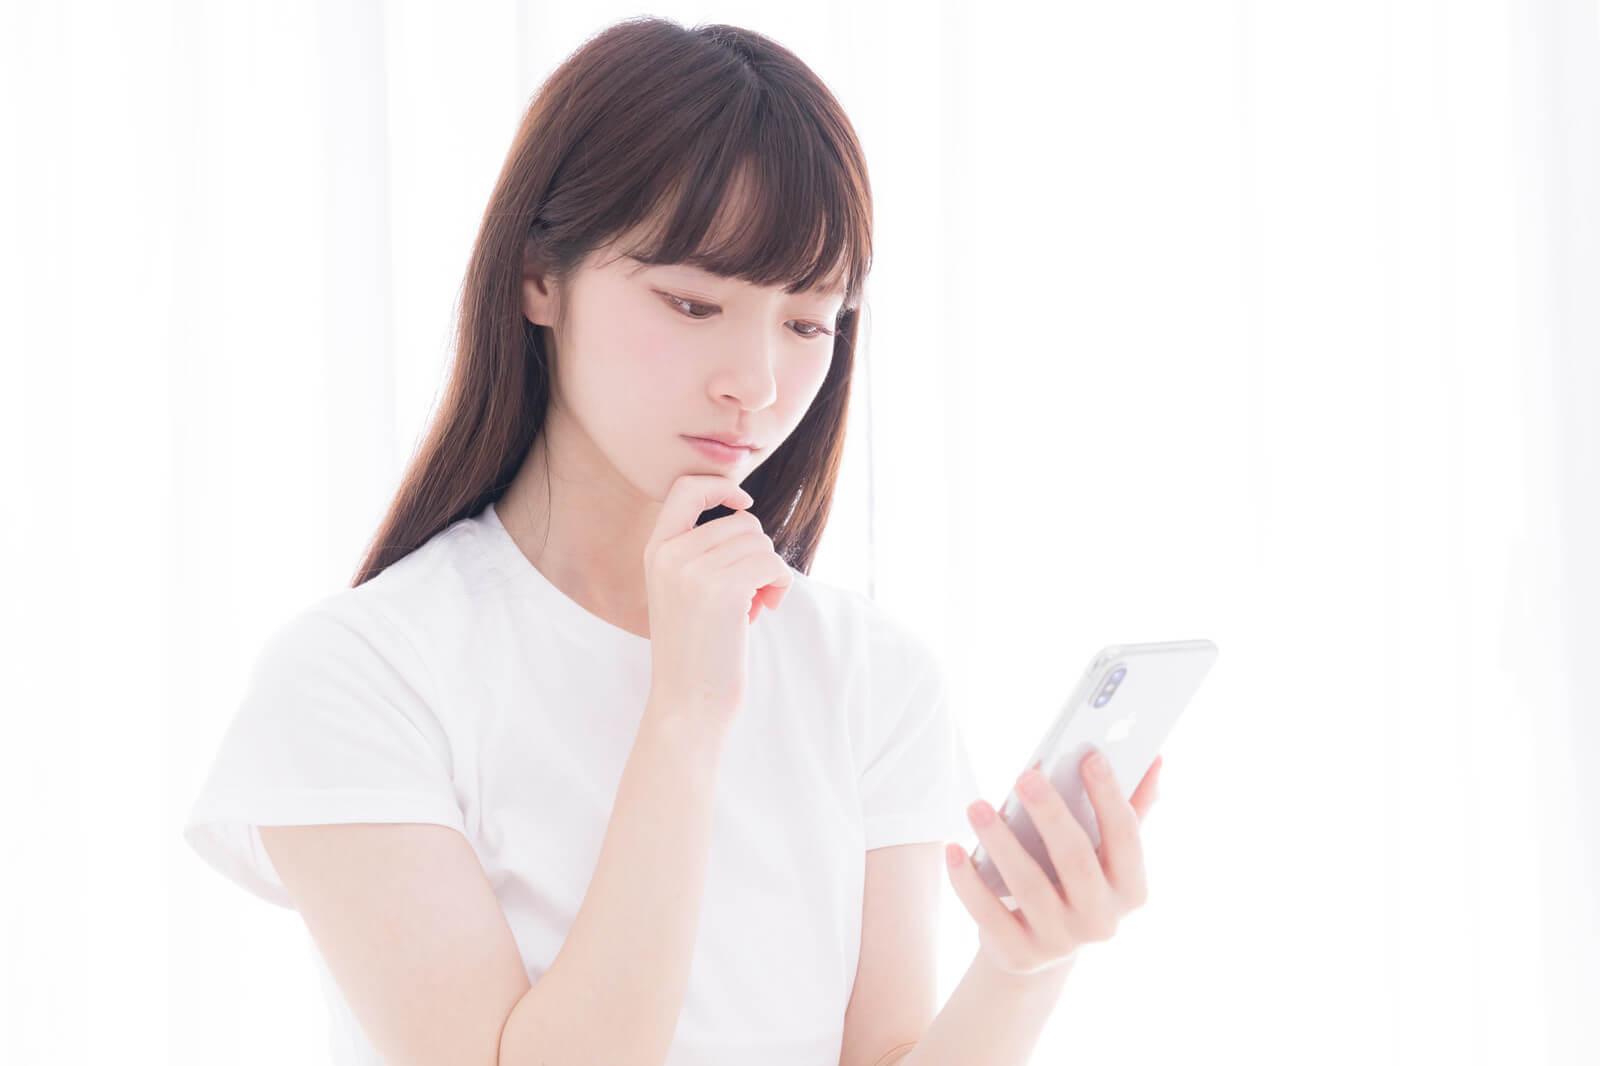 iphone非対応?